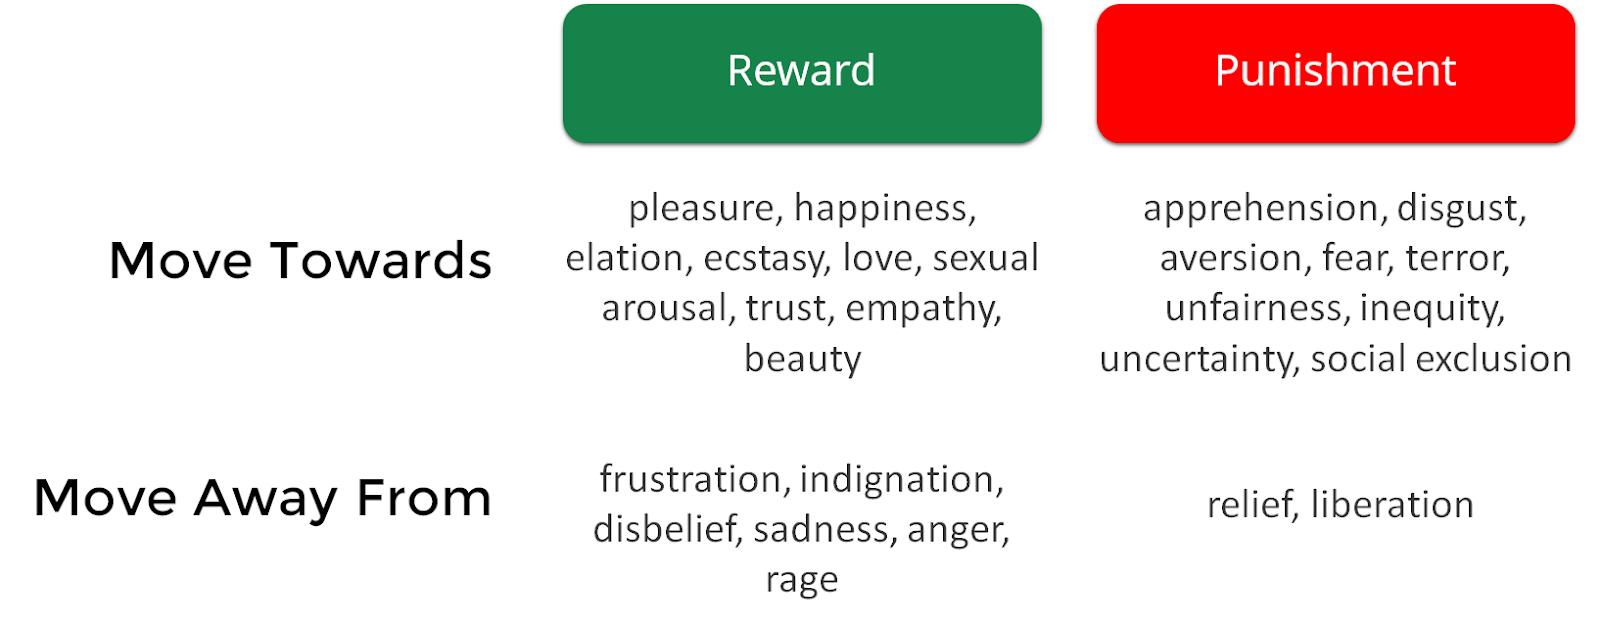 Reward and punishment persuasion